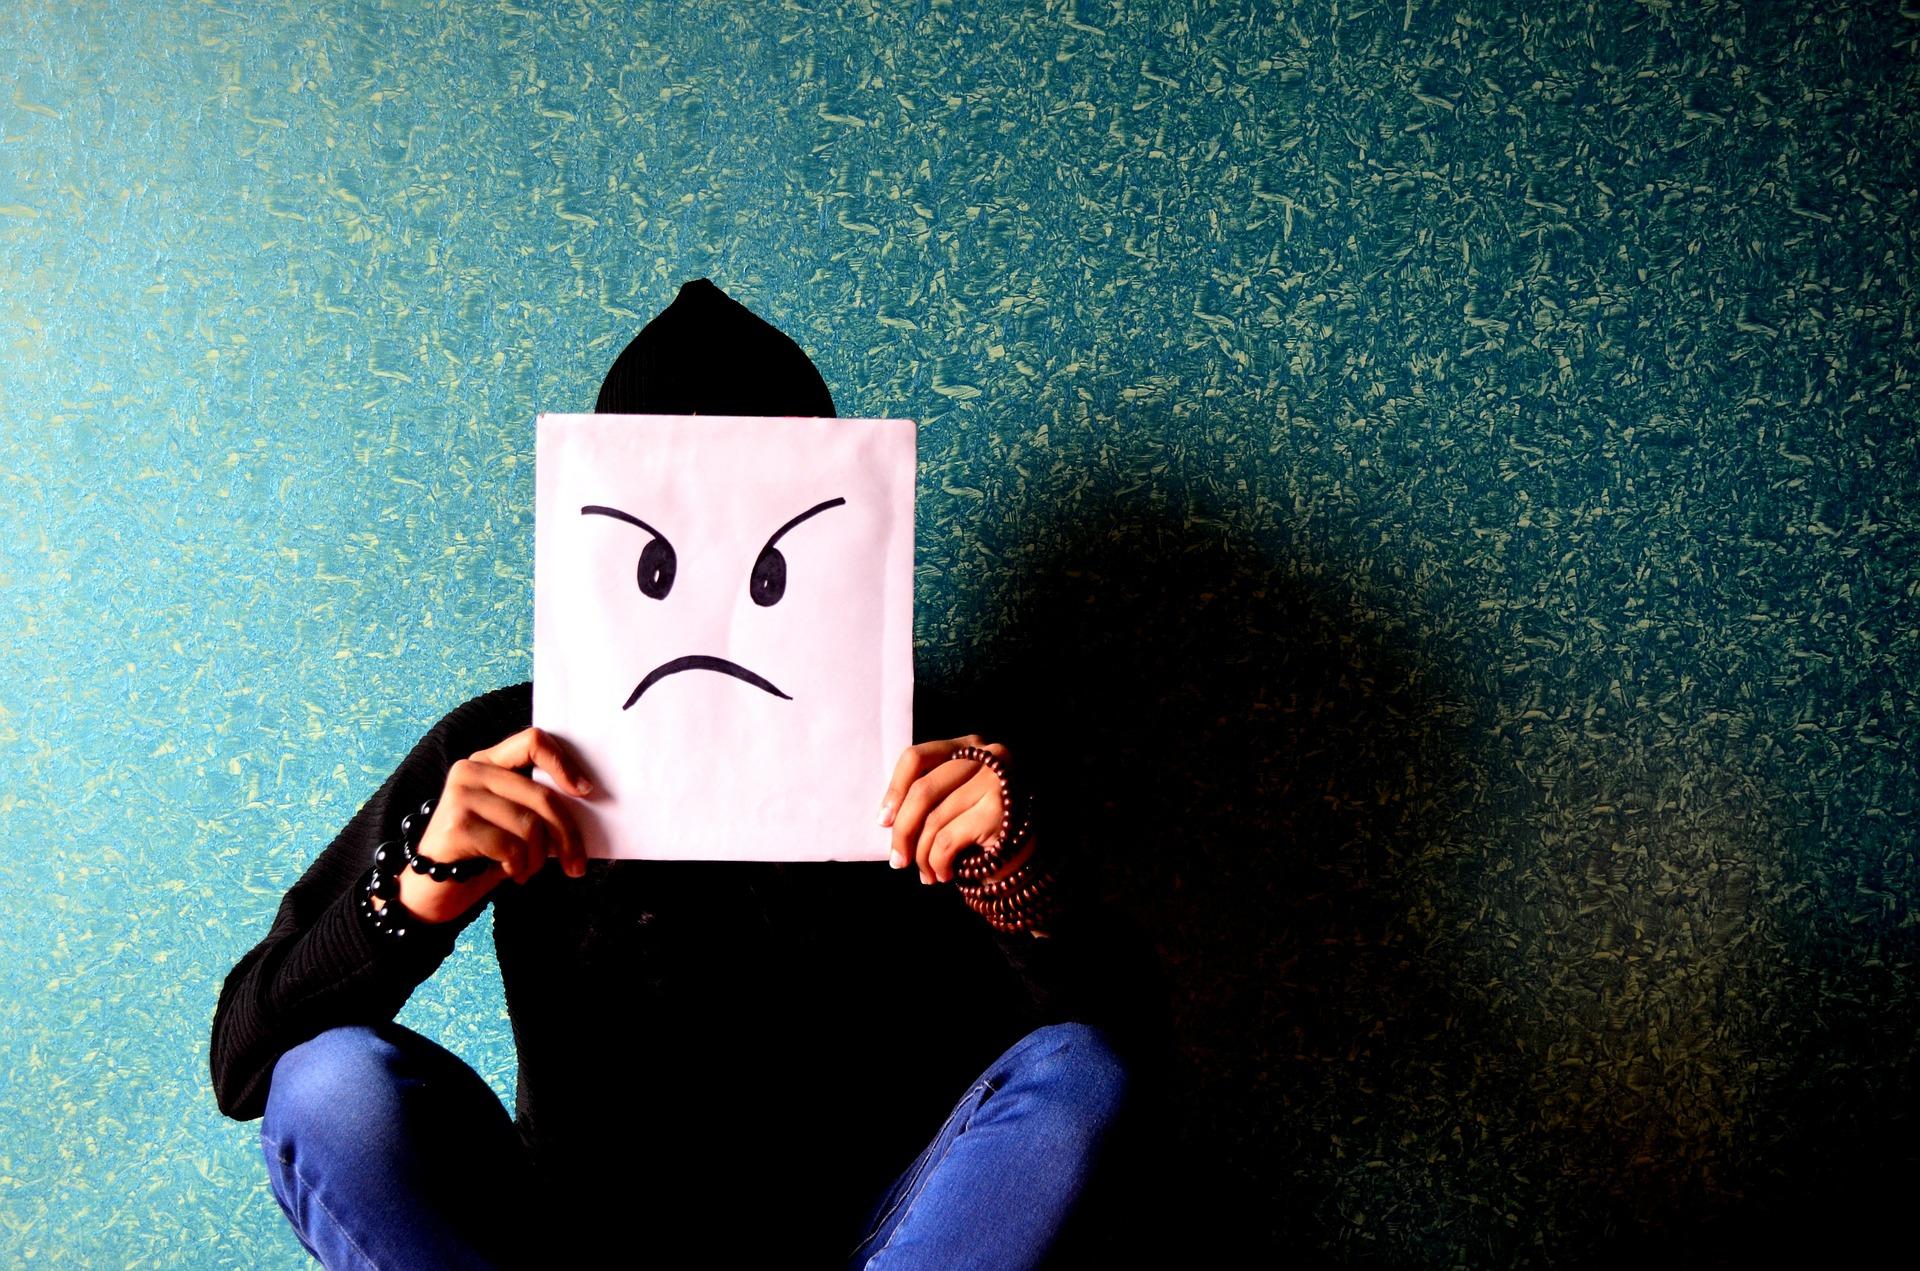 Jak radzić sobie z trudnymi emocjami w czasie epidemii?